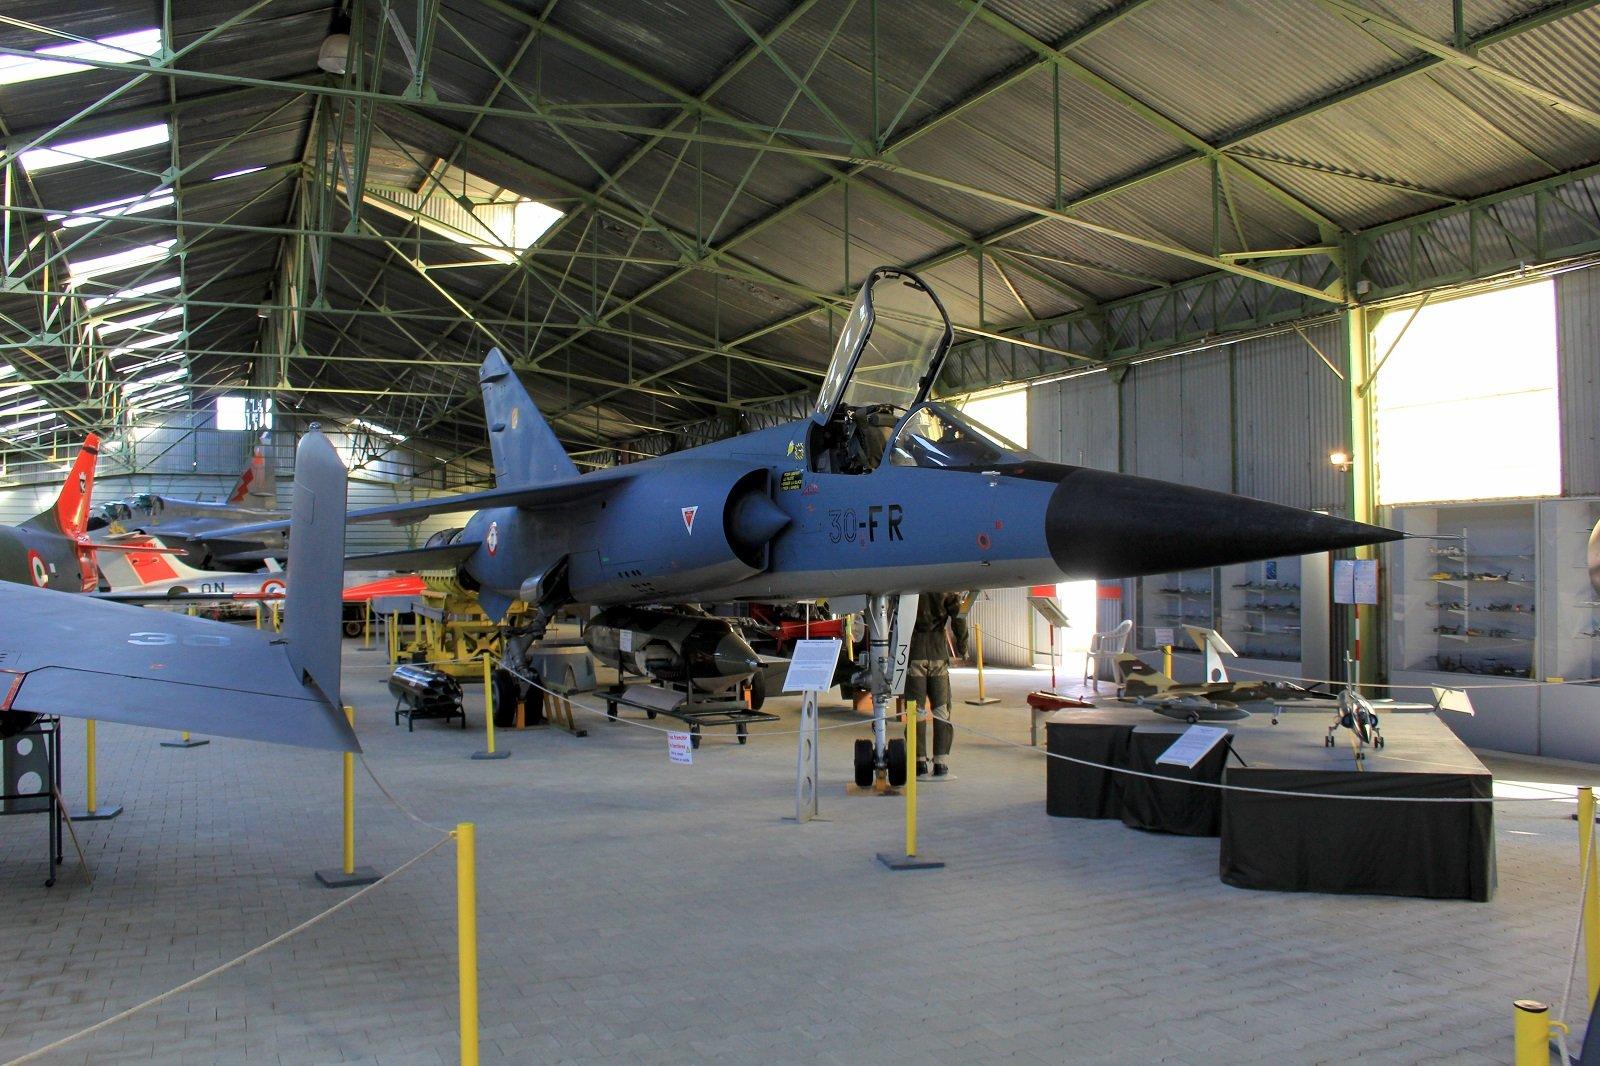 musée de l'aviation de chasse de Montelimar  - Page 2 191030070542792784